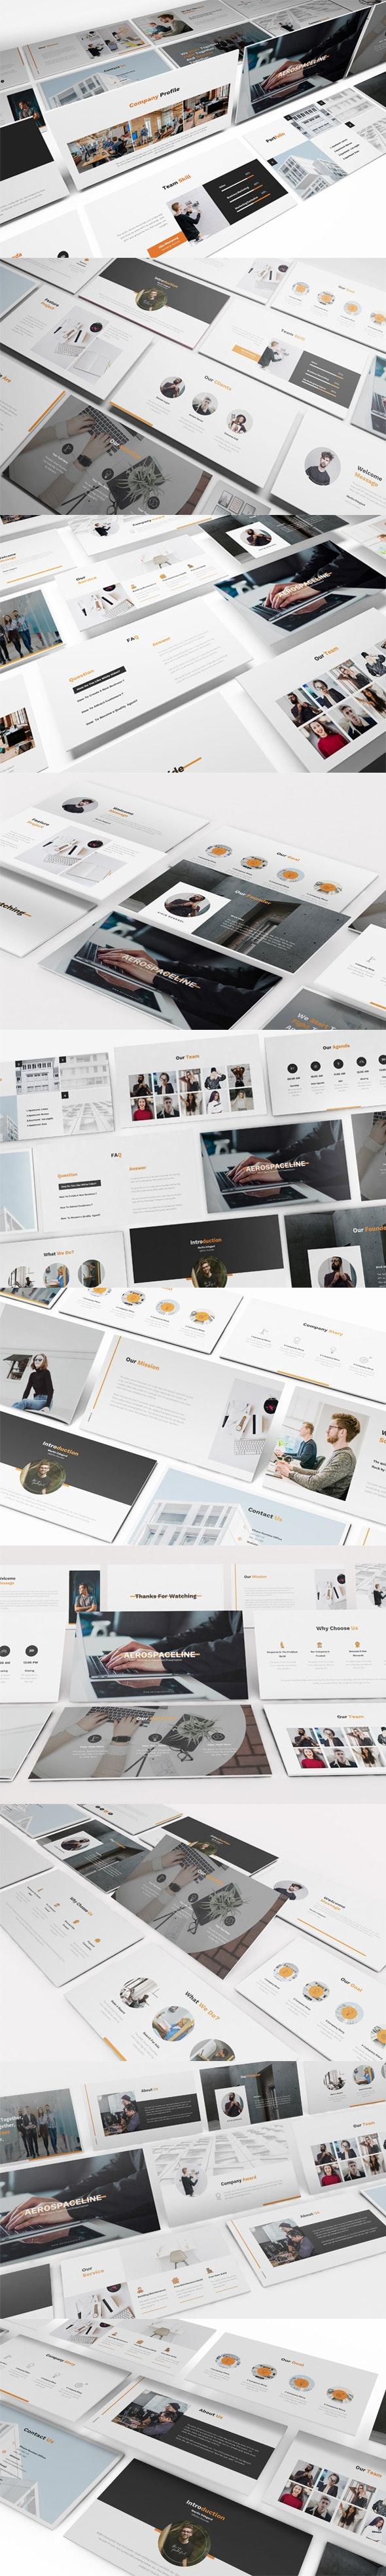 Pitch Deck Google Slides Presentation - Google Slides Presentation Templates